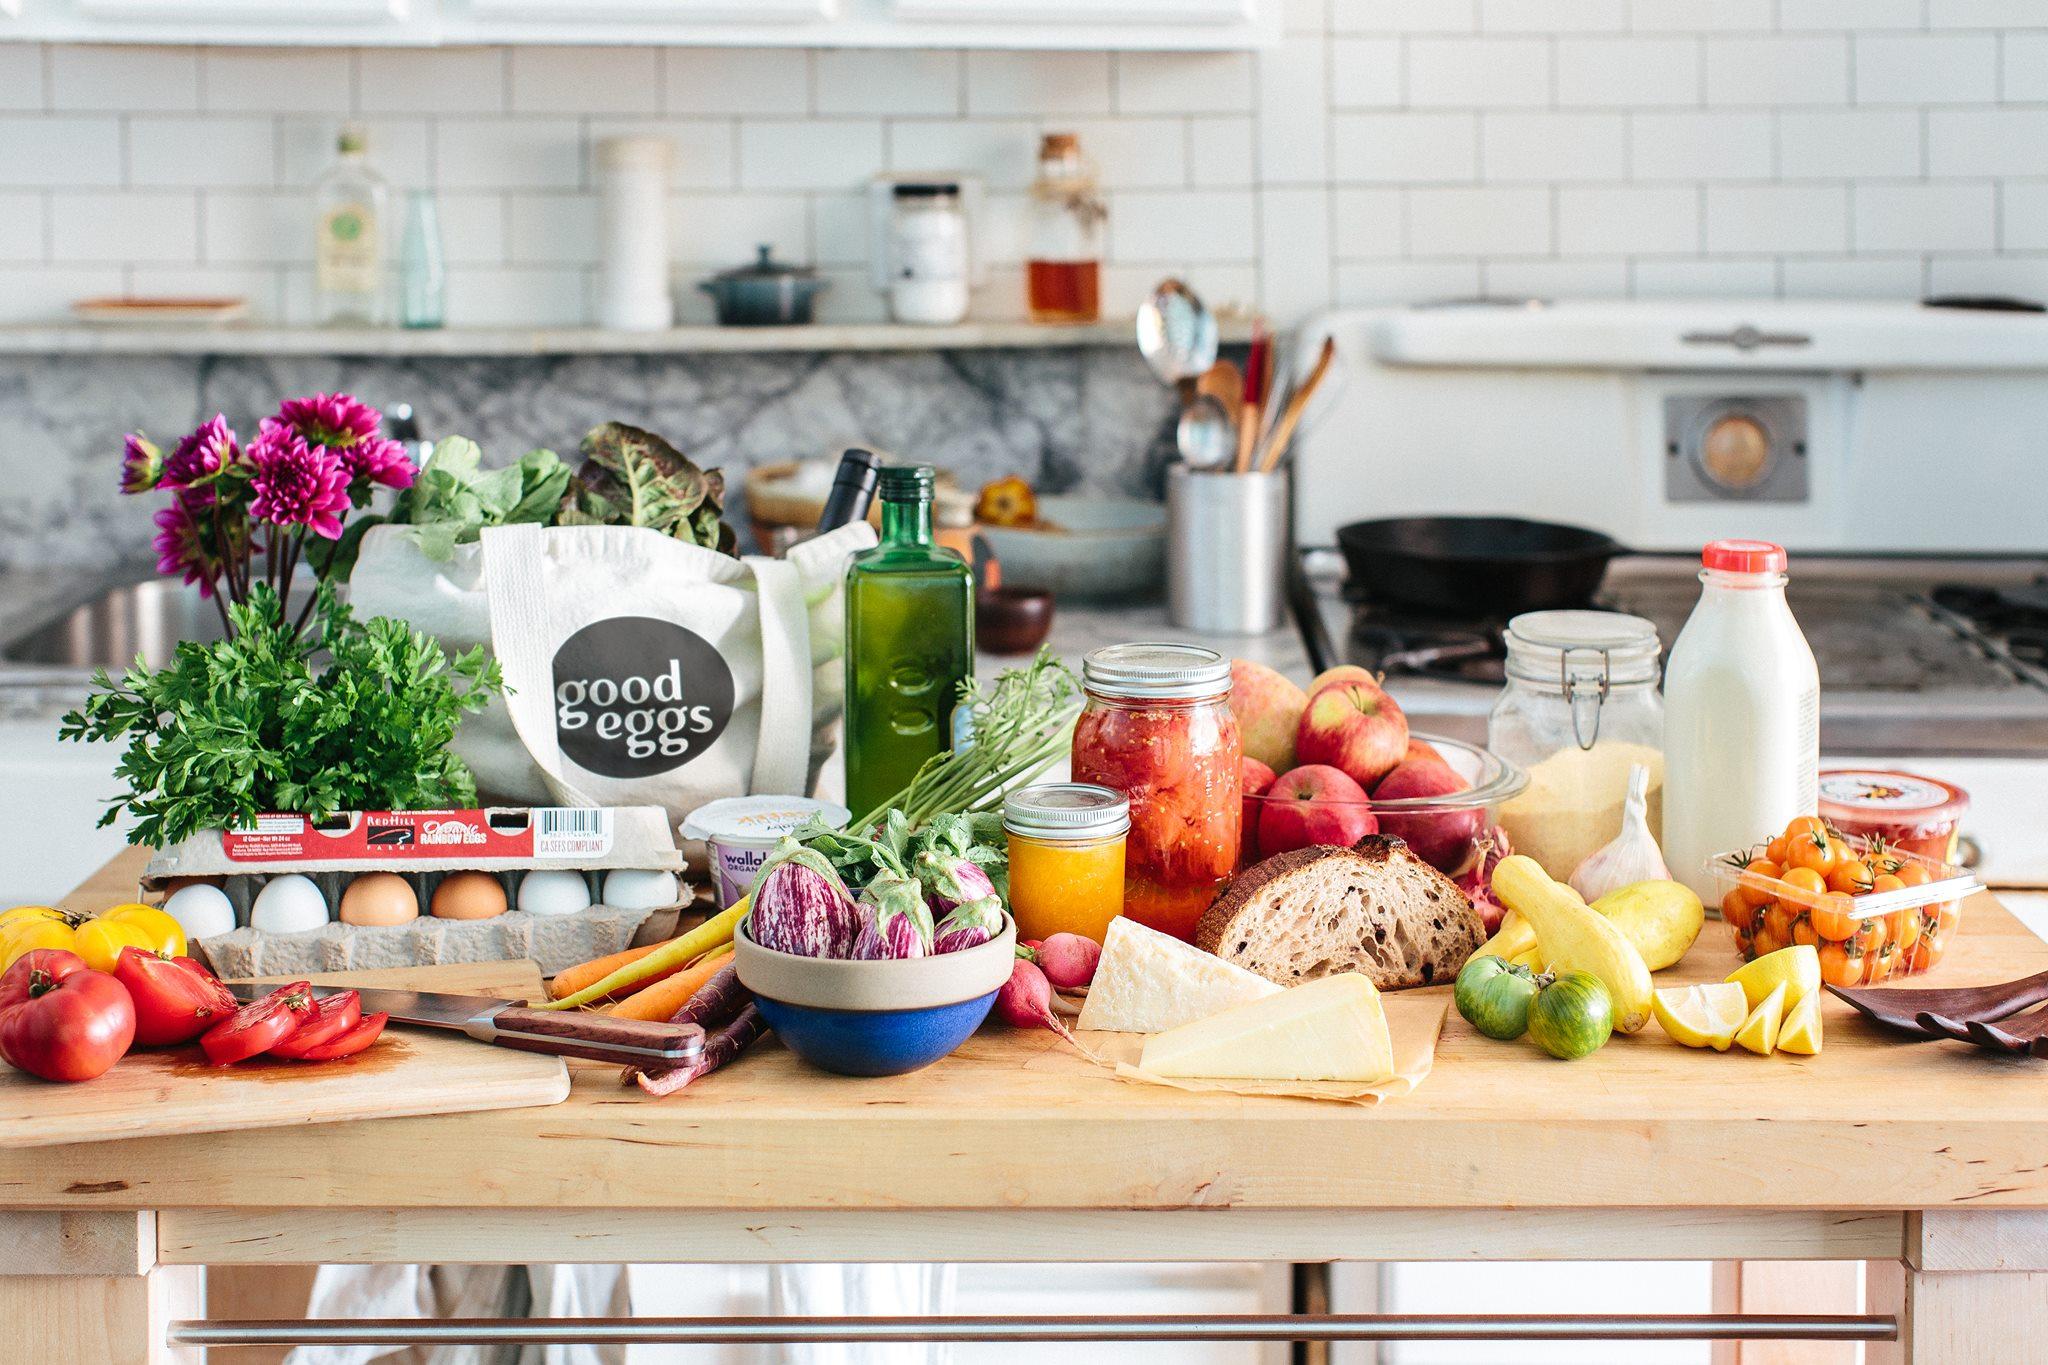 Facilita-la-compra-de-alimentos-orgánicos-siguiendo-los-pasos-de-Good-Eggs-